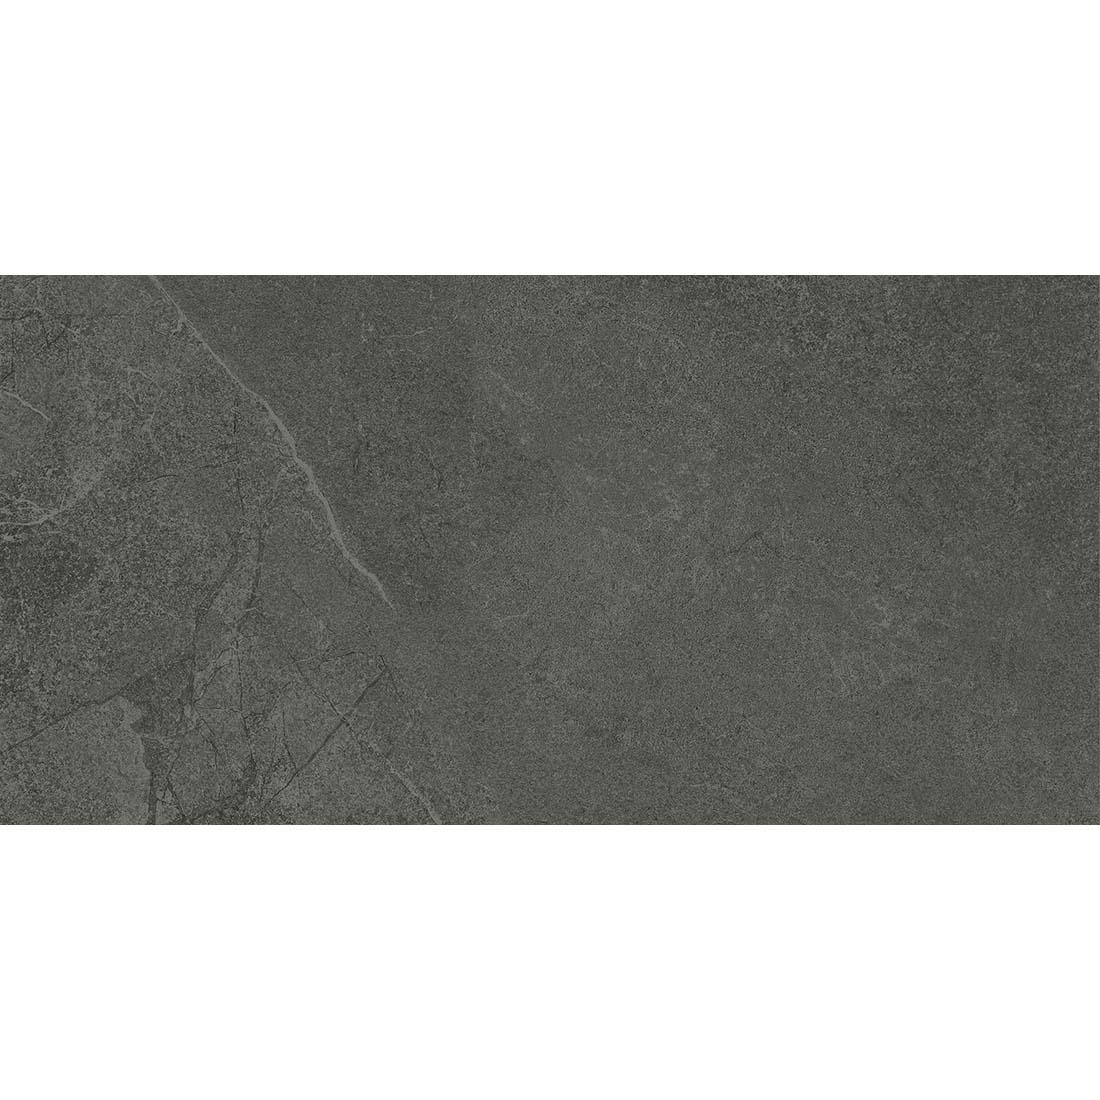 Mix Stone 29.8x60 Black Matt 1